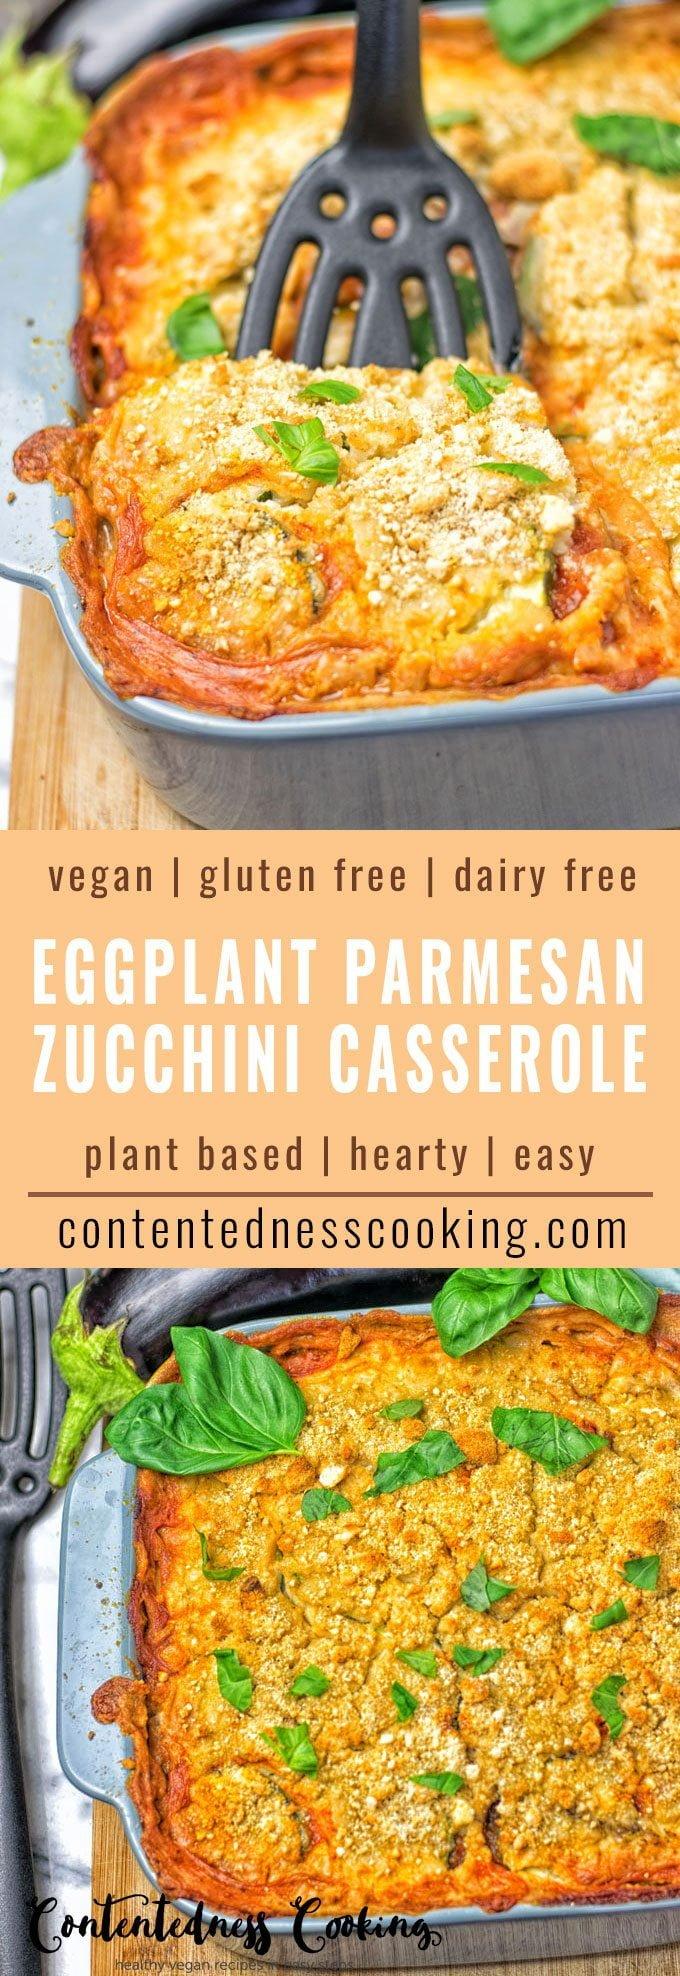 Eggplant Parmesan Zucchini Casserole | #vegan #glutenfree #contentednesscooking #plantbased #dairyfree